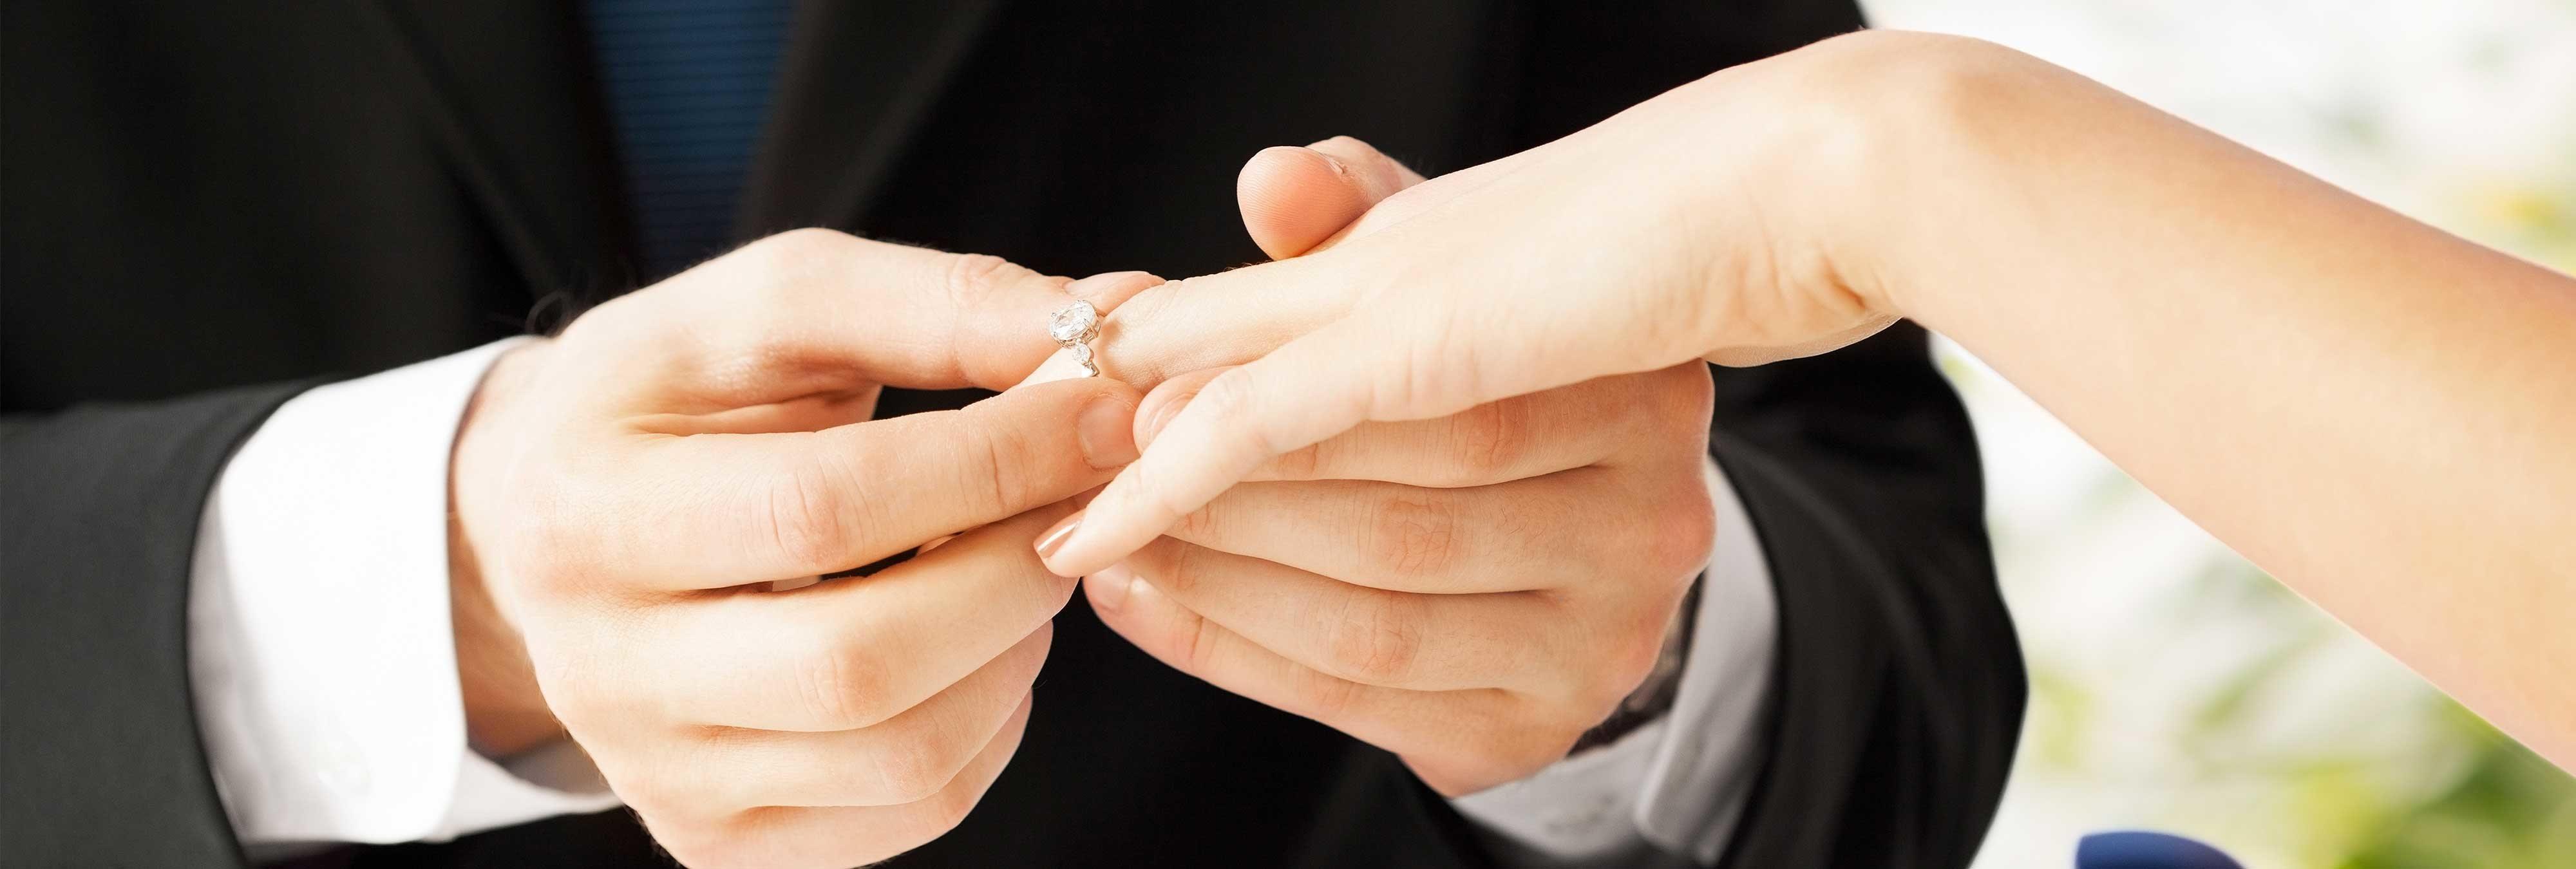 Un multimillonario ofrece su empresa y 315.000 dólares para quien se case con su hija